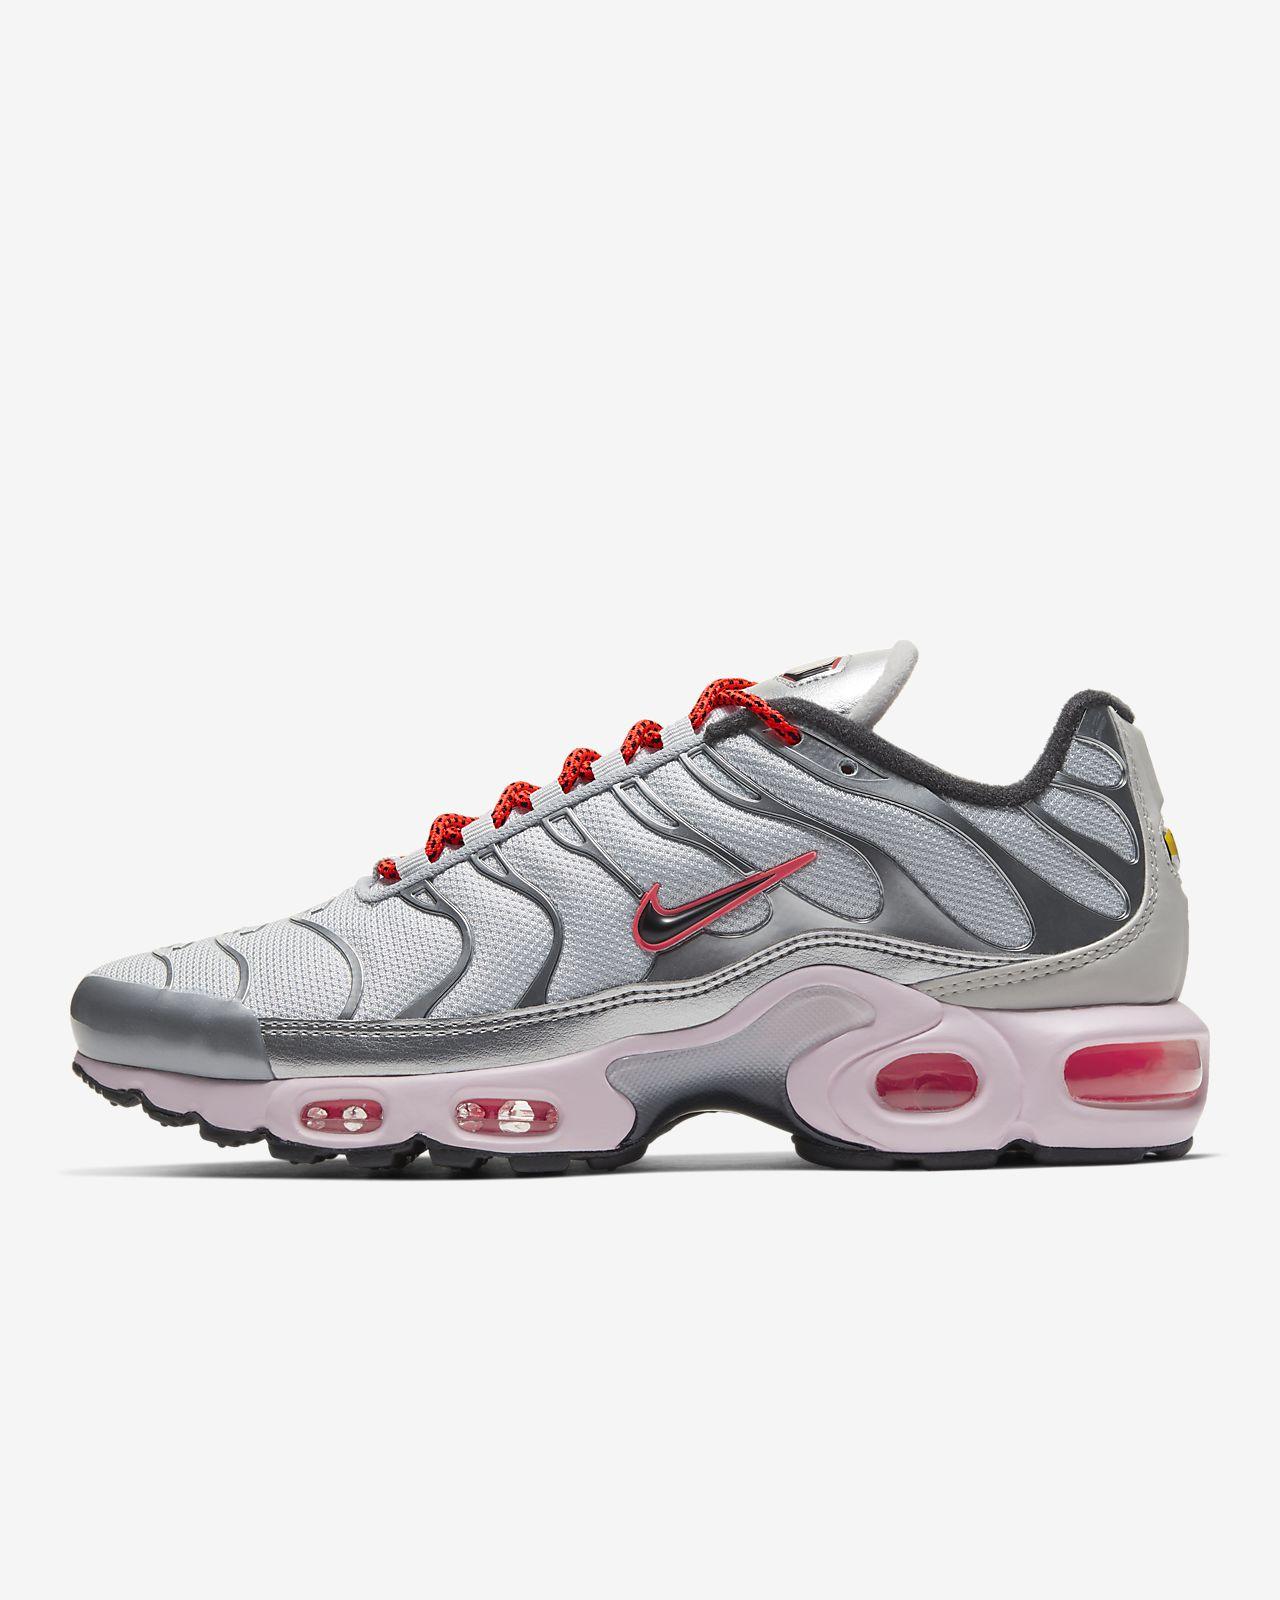 nike chaussure air max plus